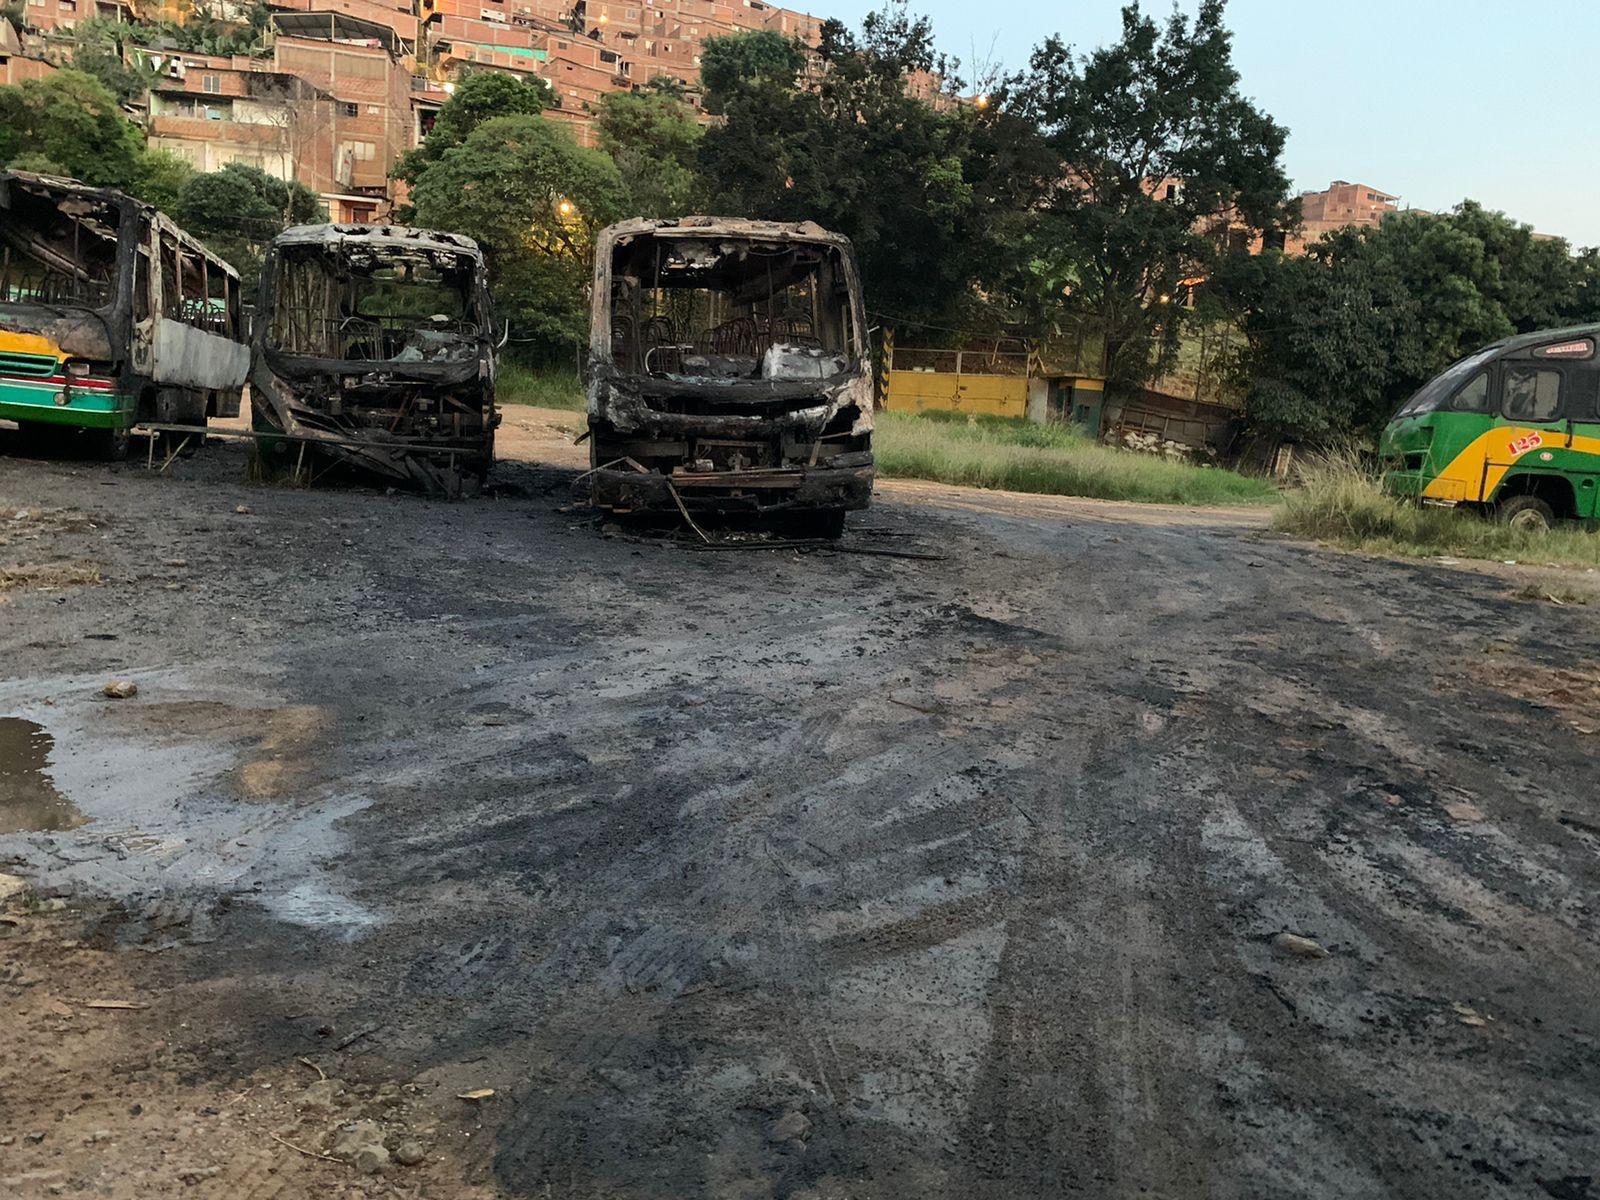 5 autobuses incendiados en el Jordán